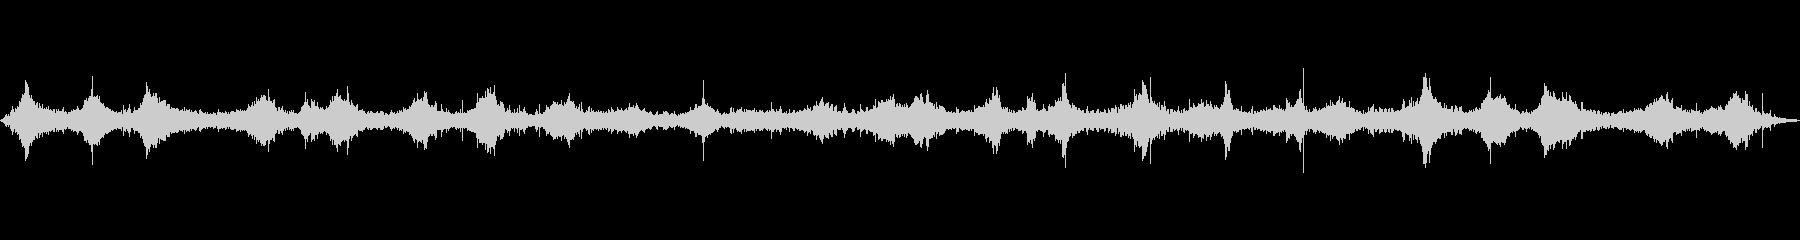 海 波 浜辺 海岸 カモメの環境音 19の未再生の波形